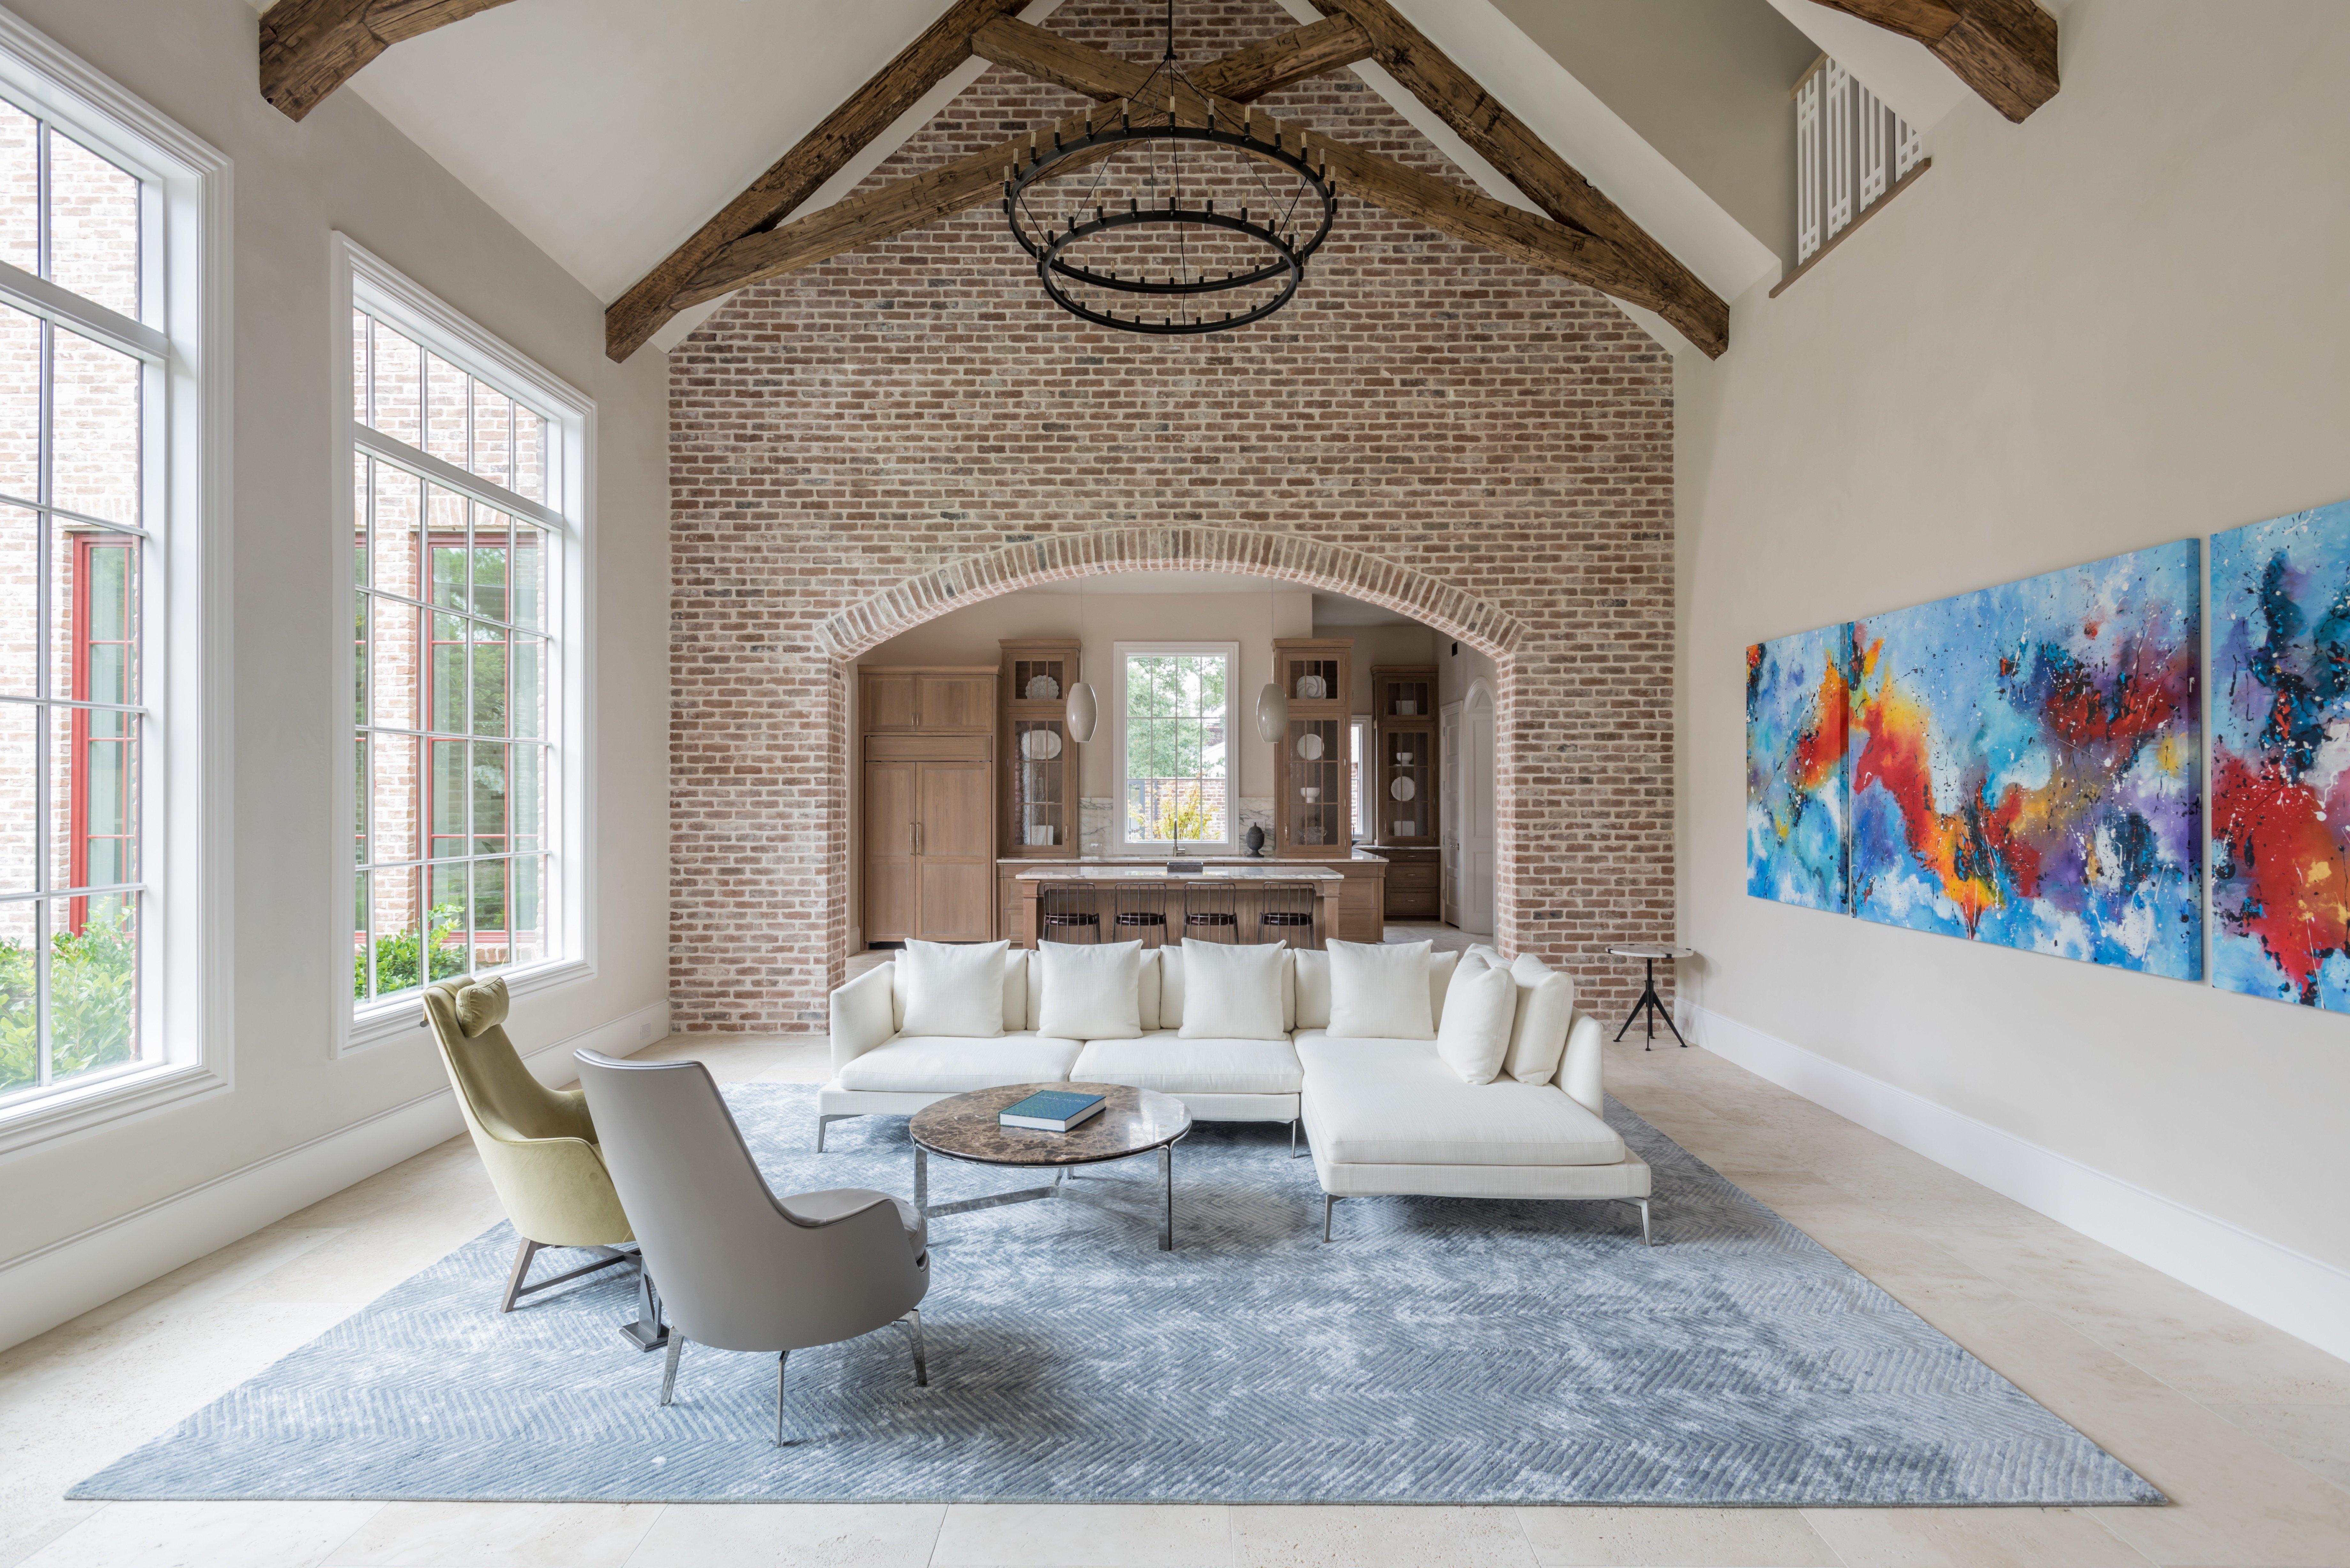 Sims_custom_home_portfolio_interior_design_details